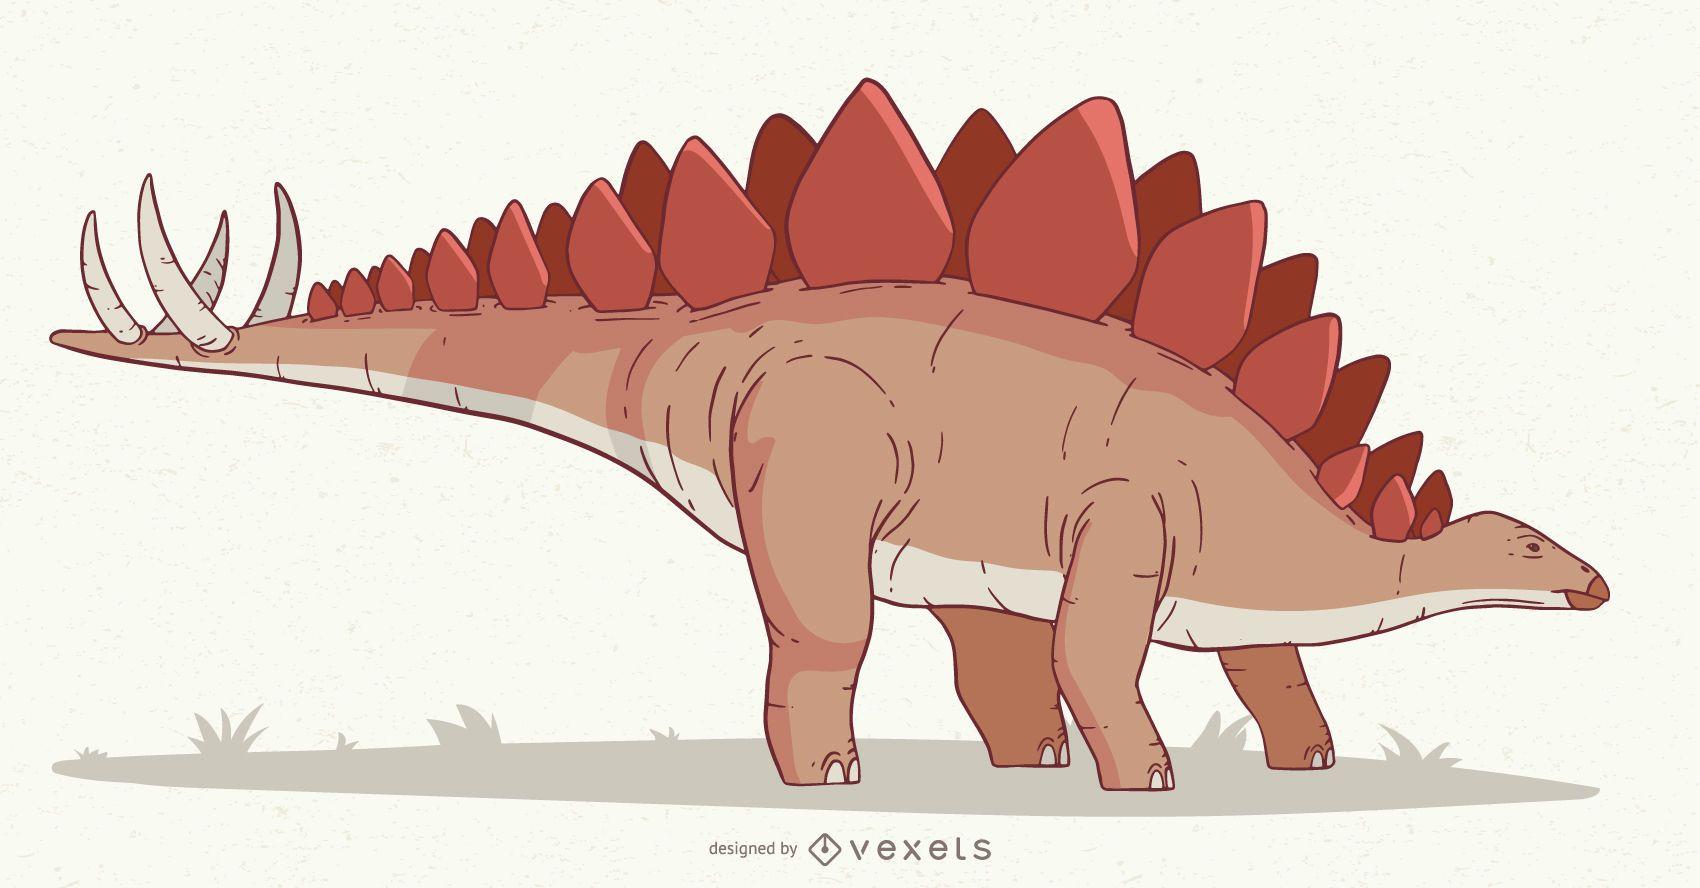 Ilustração do dinossauro estegossauro